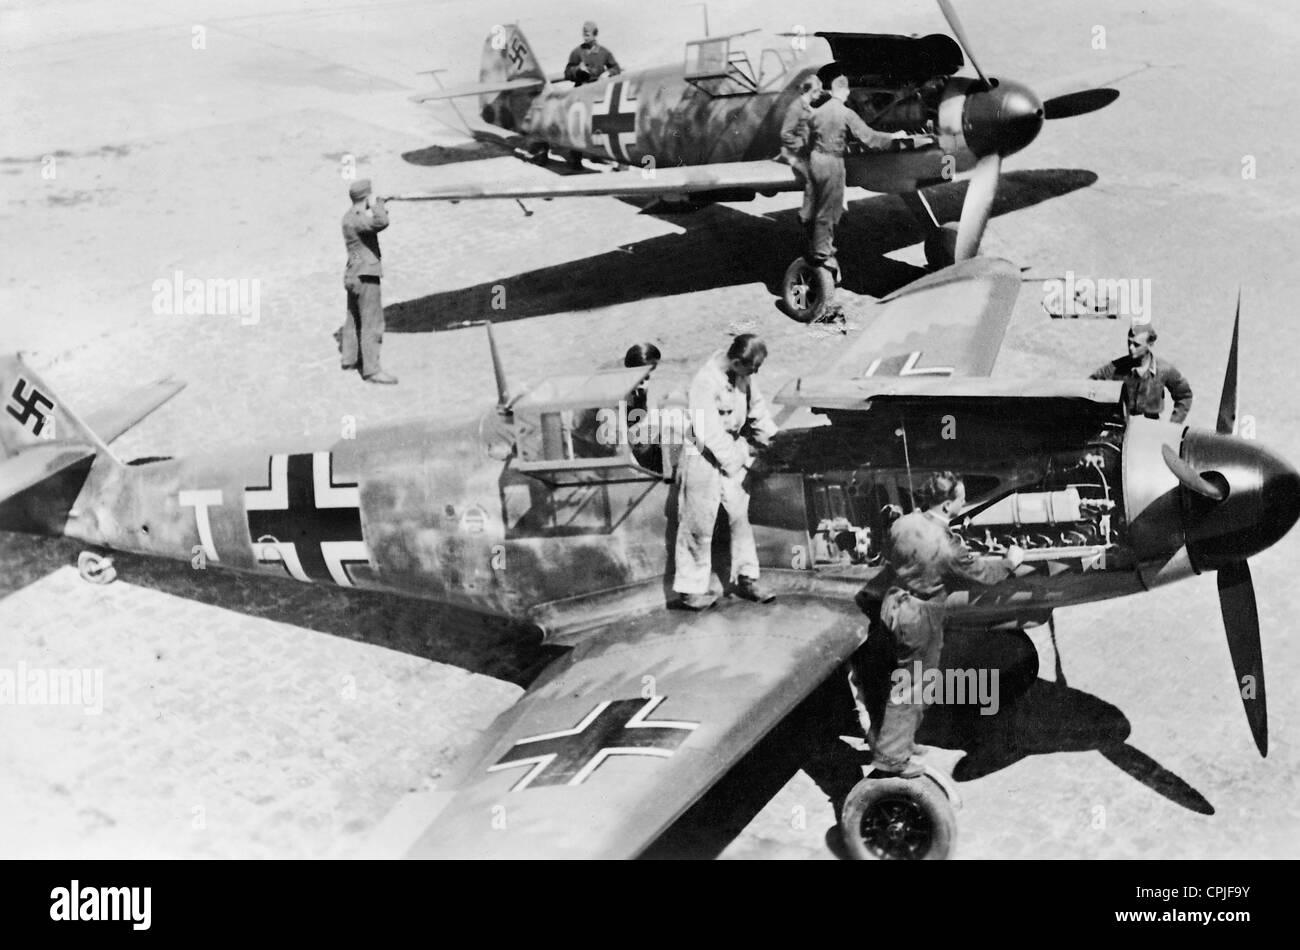 Maintenance of the fighter aircraft Messerschmitt Me 109 - Stock Image